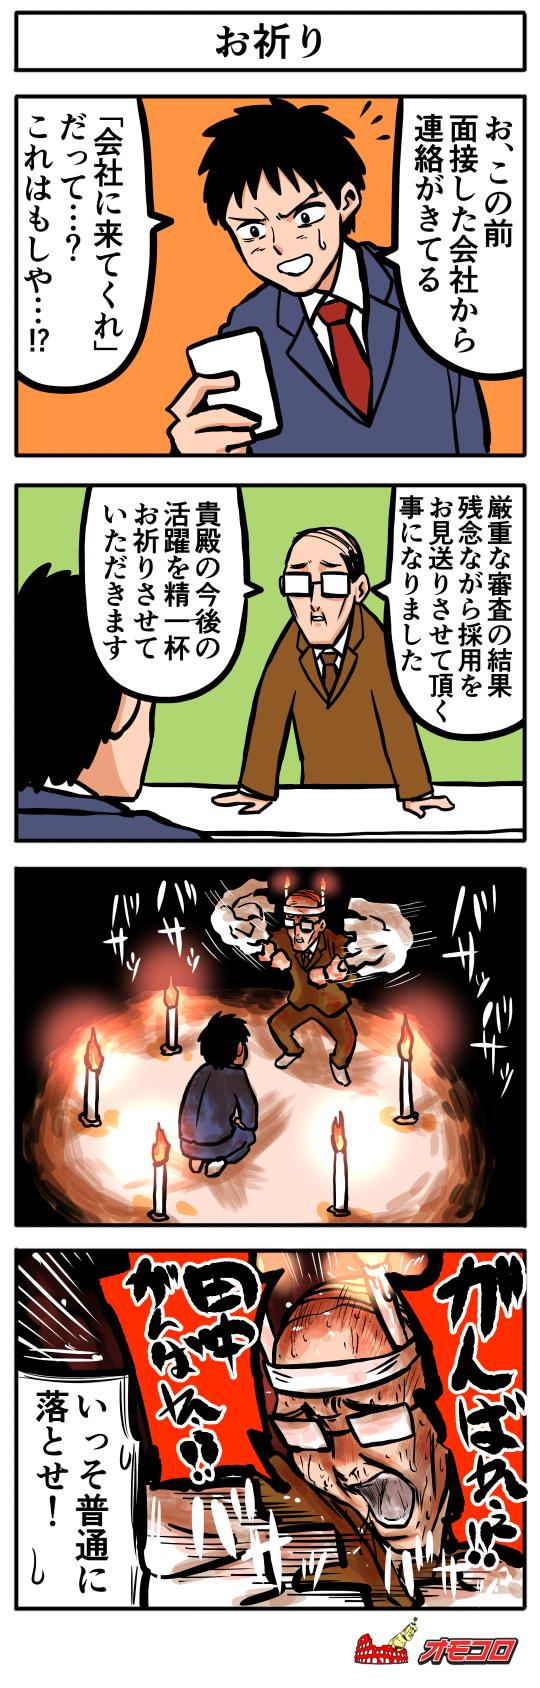 【4コマ漫画】お祈り